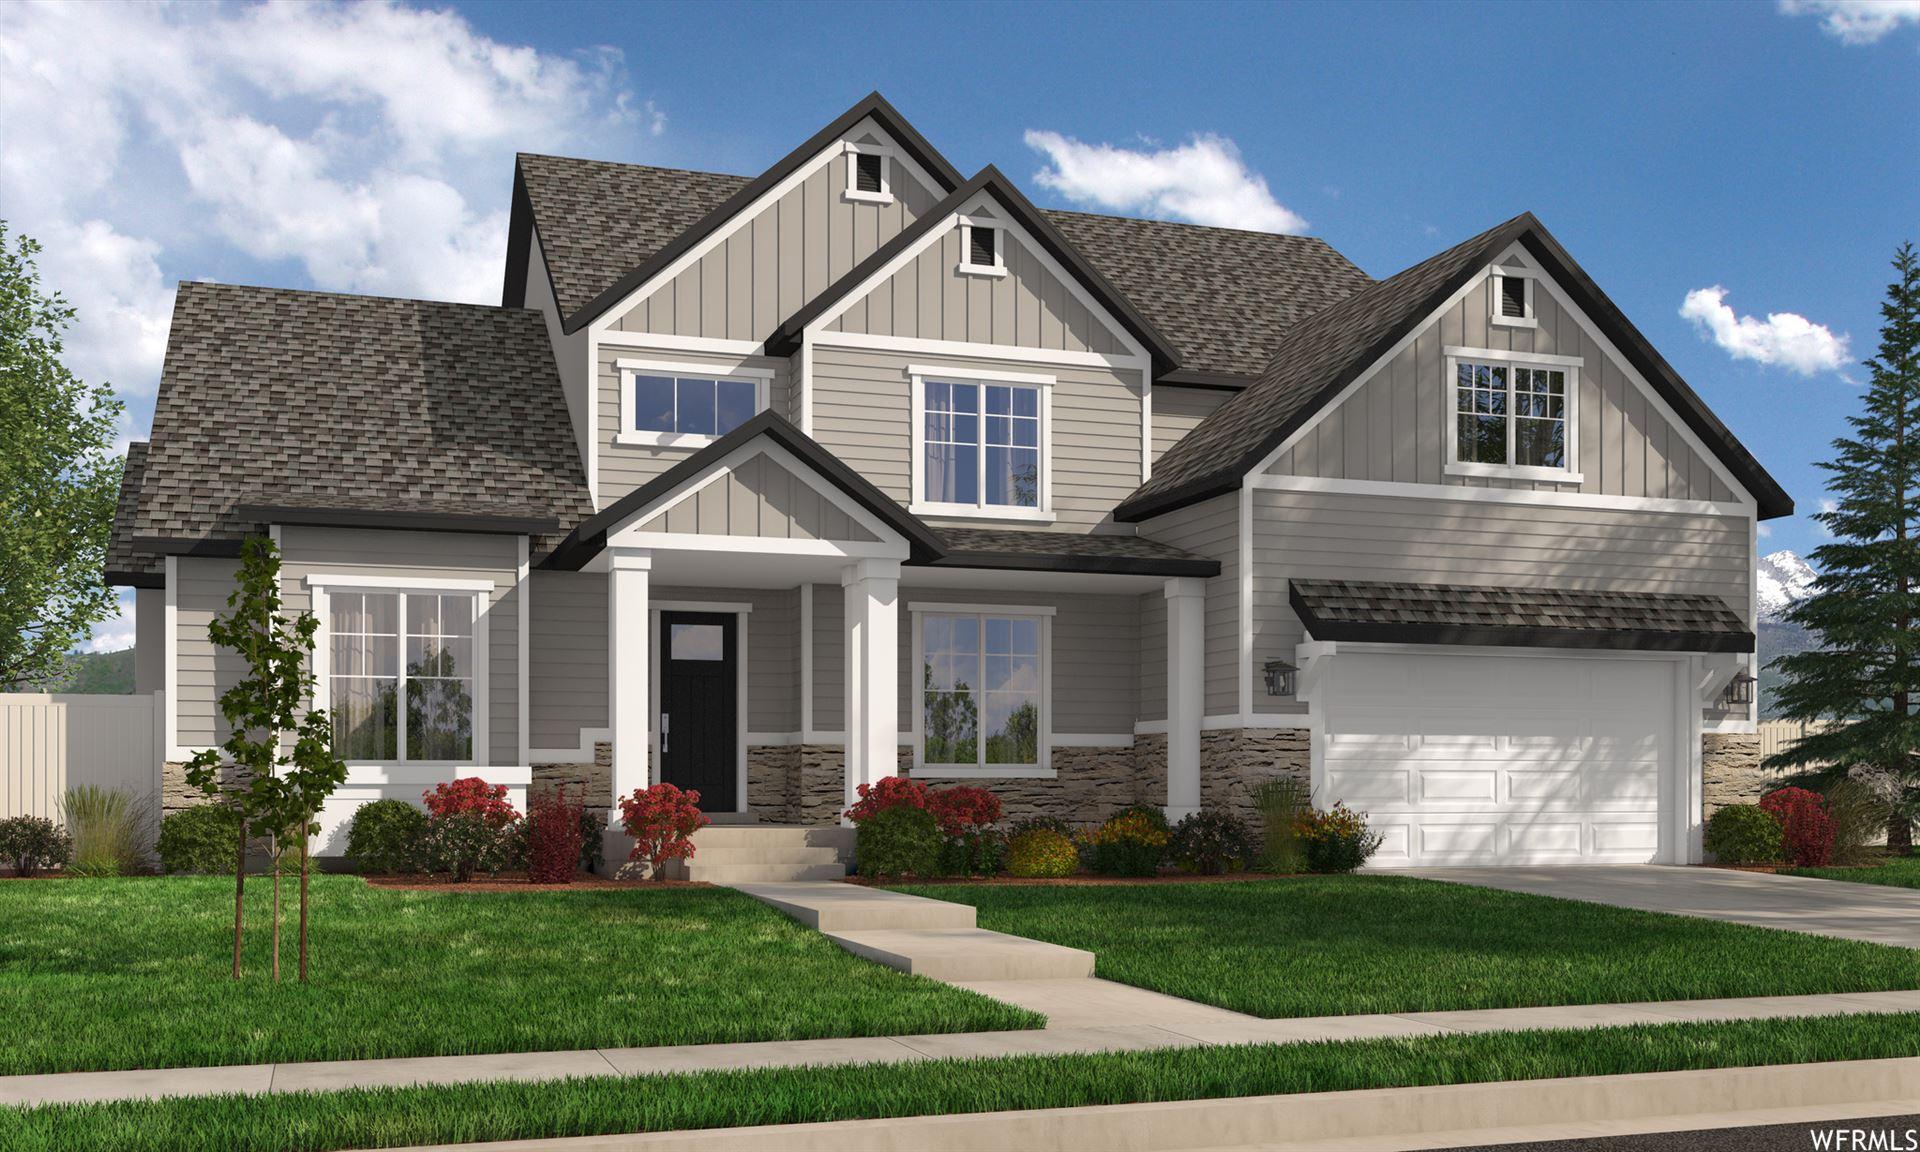 Photo of 1546 N 540 W #225, Saratoga Springs, UT 84043 (MLS # 1756647)